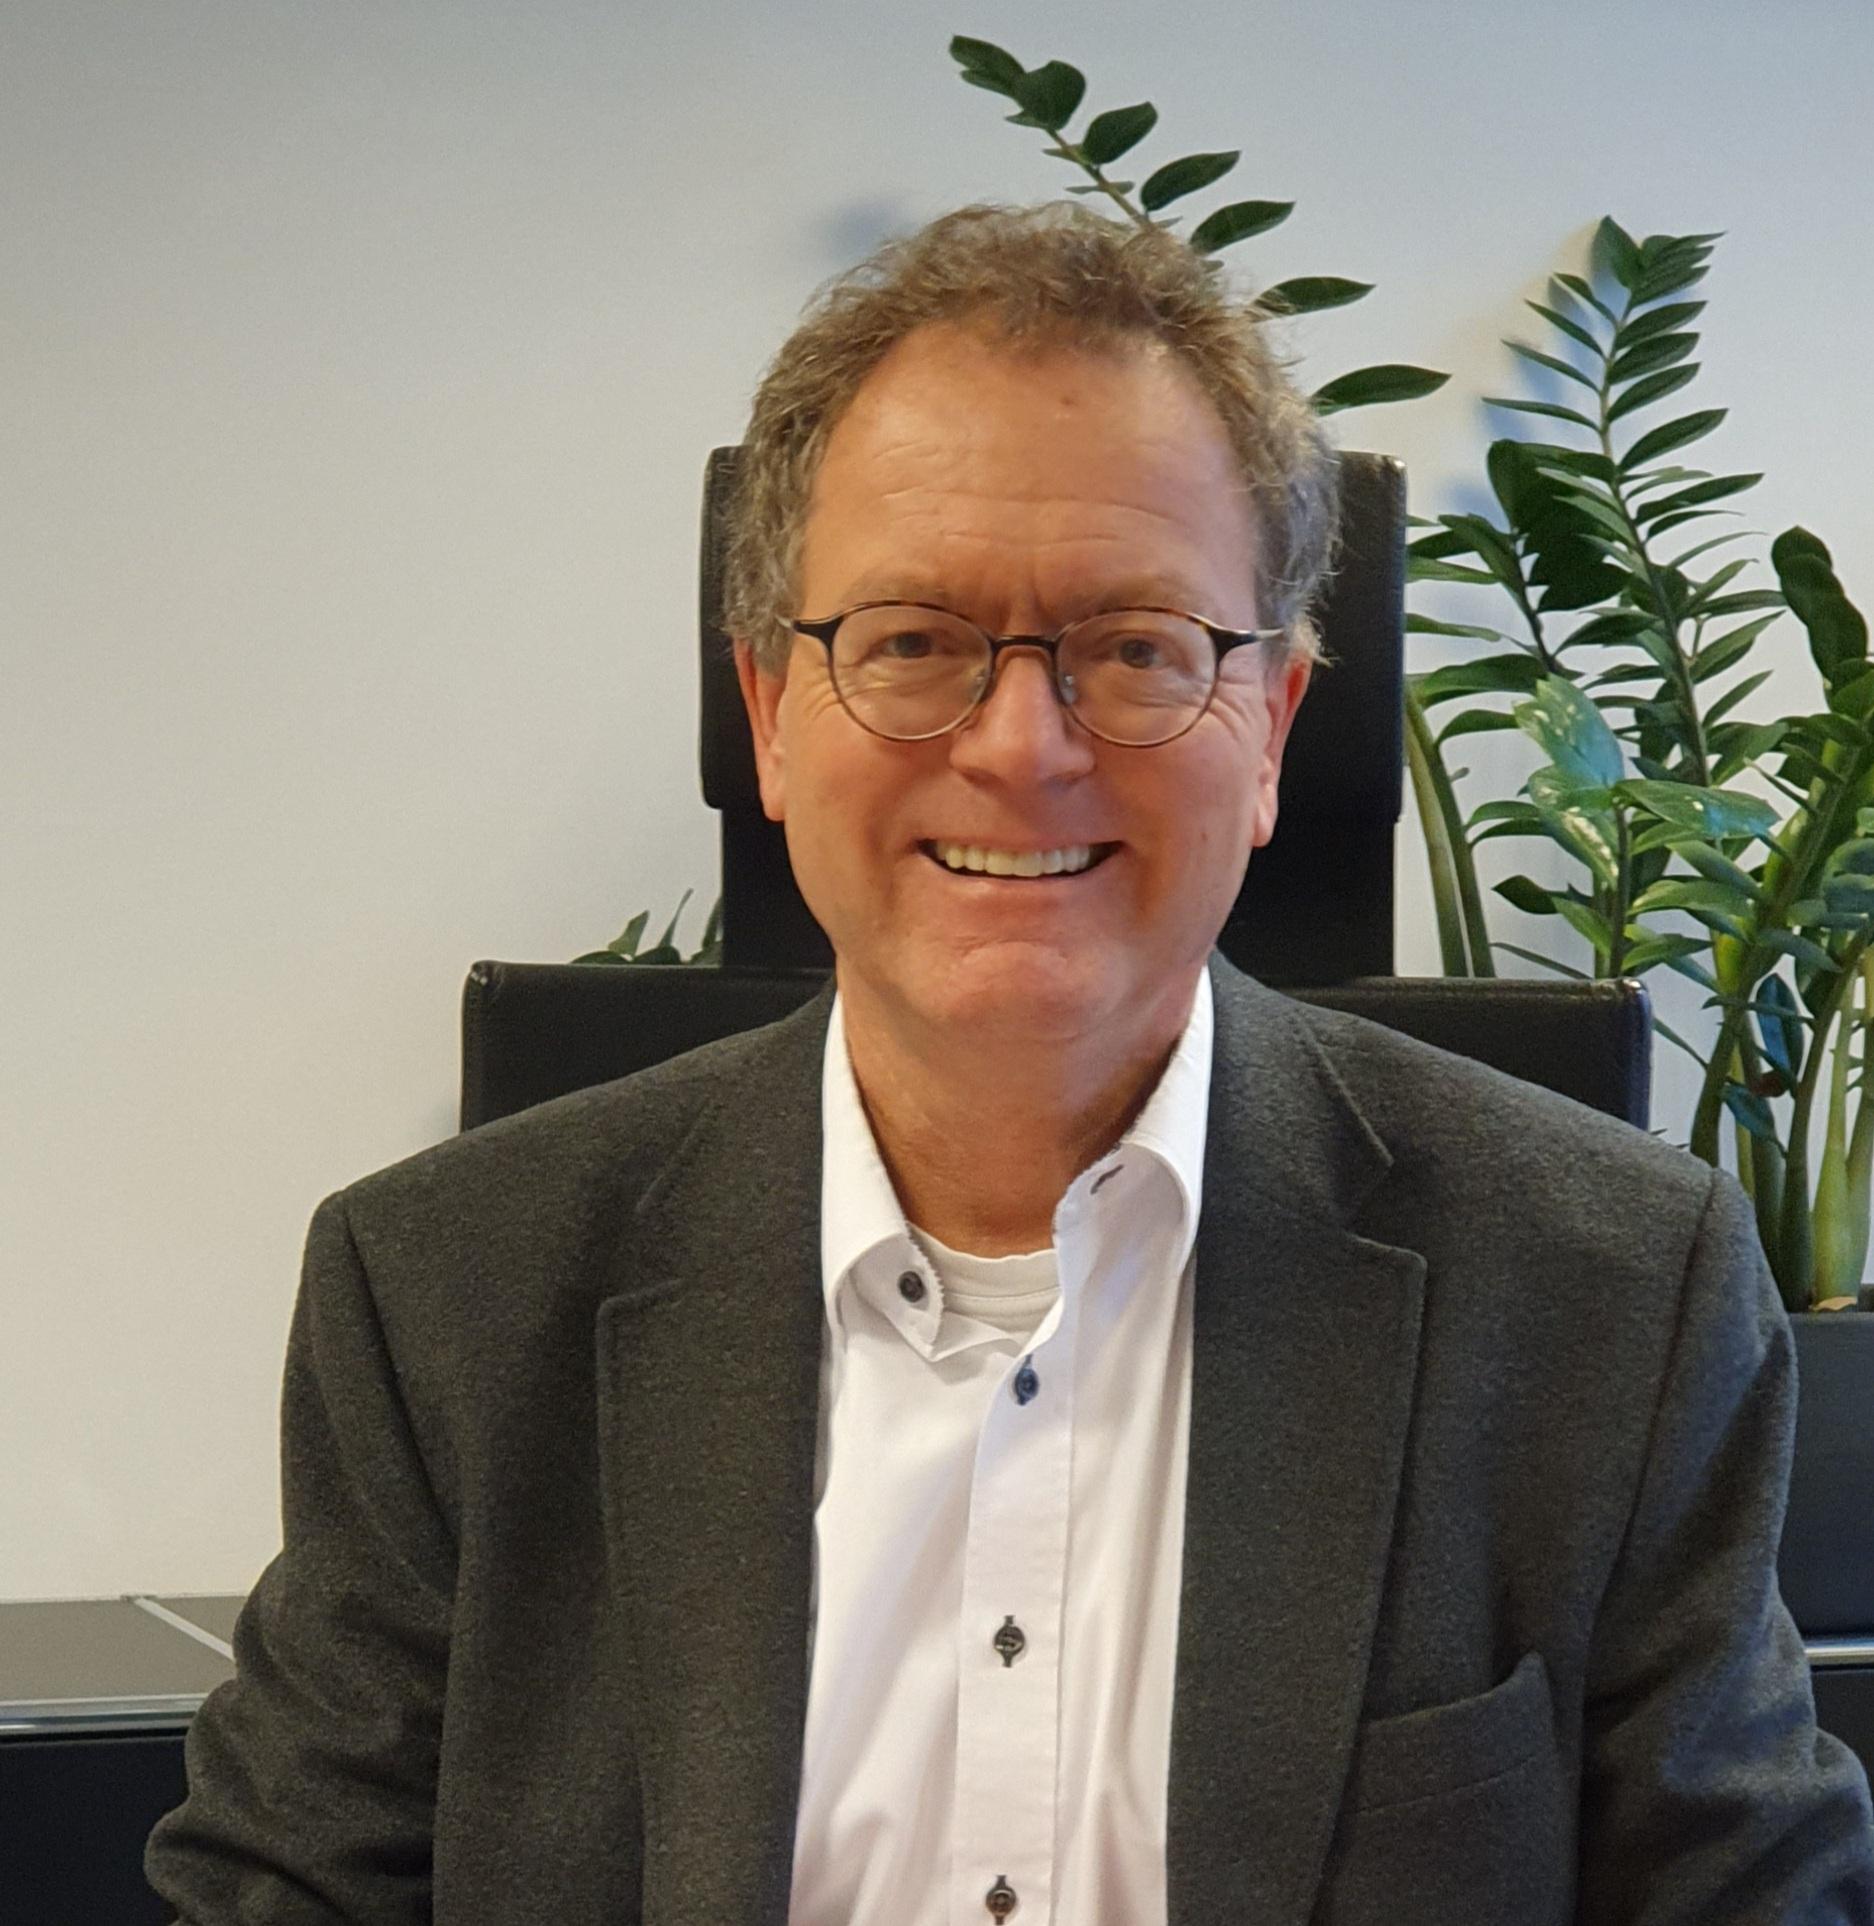 Thomas Klein, Bundestagskandidat für die Grünen aus Osnabrück